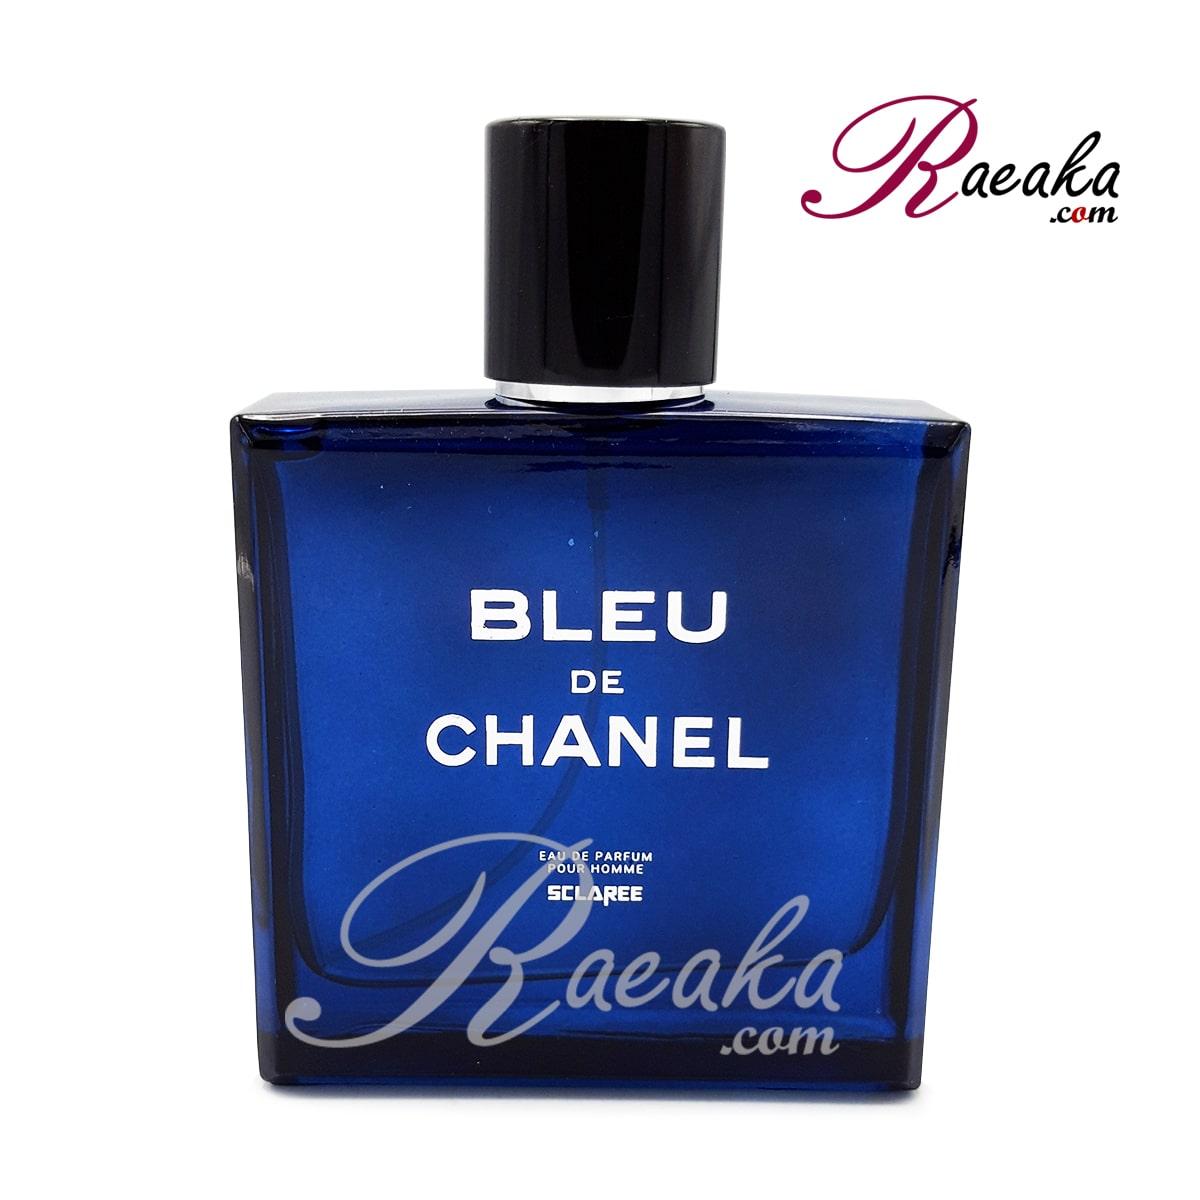 ادو پرفیوم اسکلاره رایحه Bleu De Chanel ویژه آقایان حجم ۱۰۰ میلی لیتر